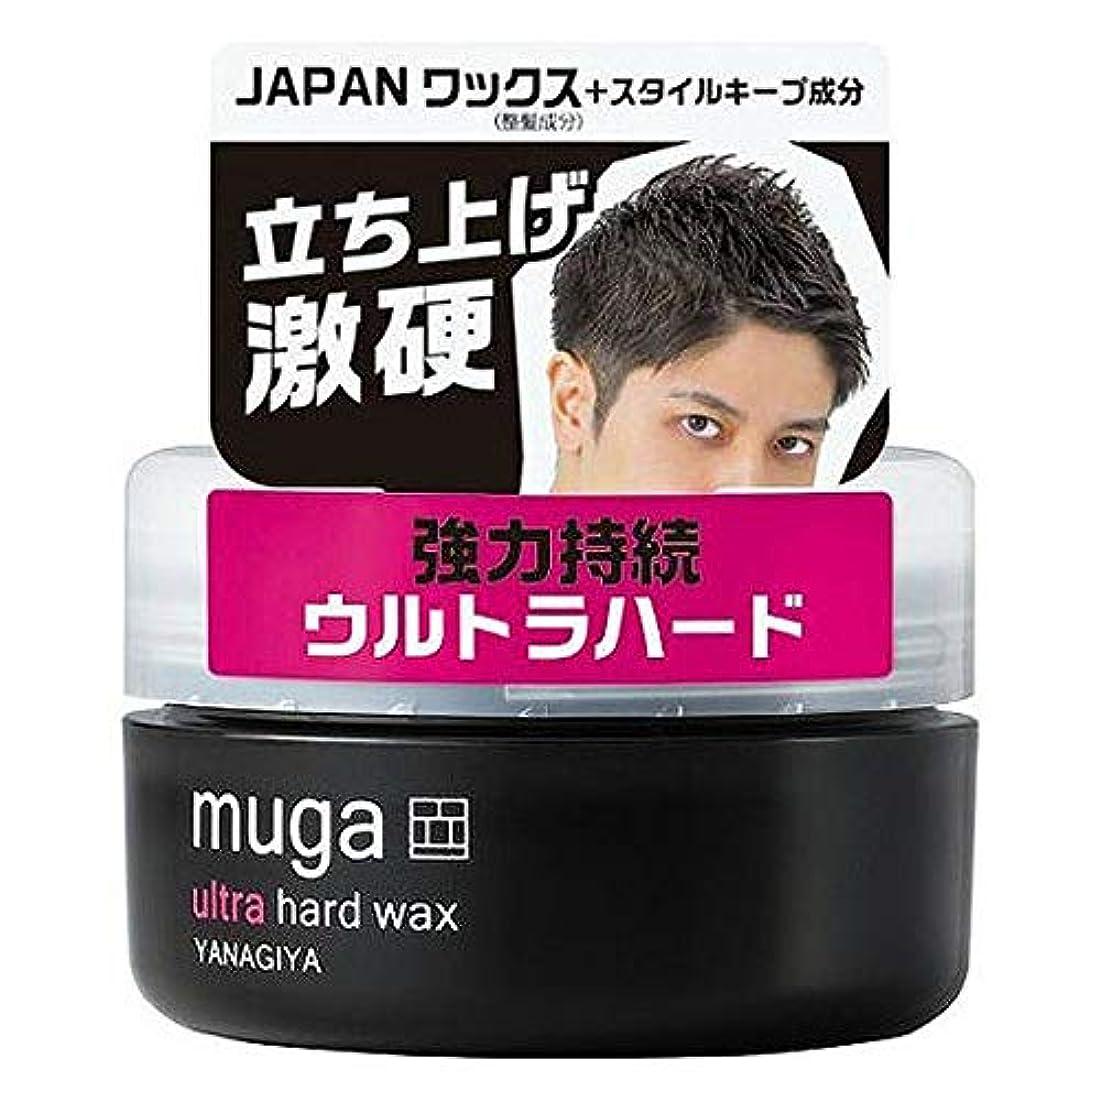 ペット単調な命令的【柳屋本店】MUGA ウルトラハードワックス 85g